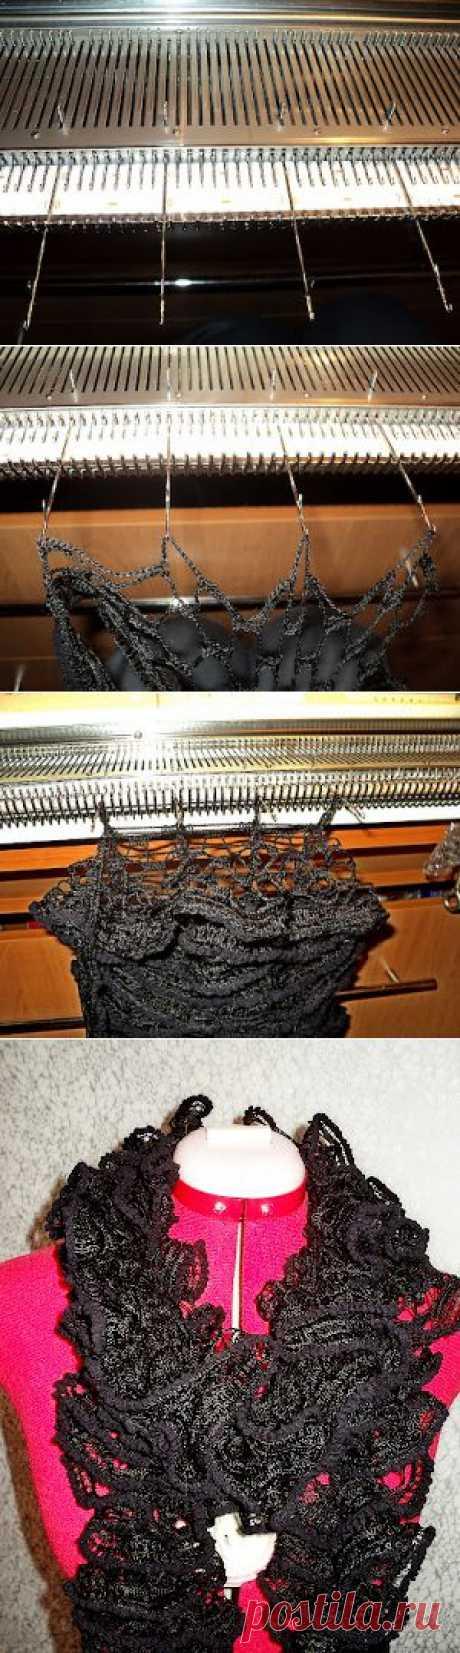 Вязание шарфиков из ленточной пряжи на вязальной машине.Мастер-класс - Ярмарка Мастеров - ручная работа, handmade